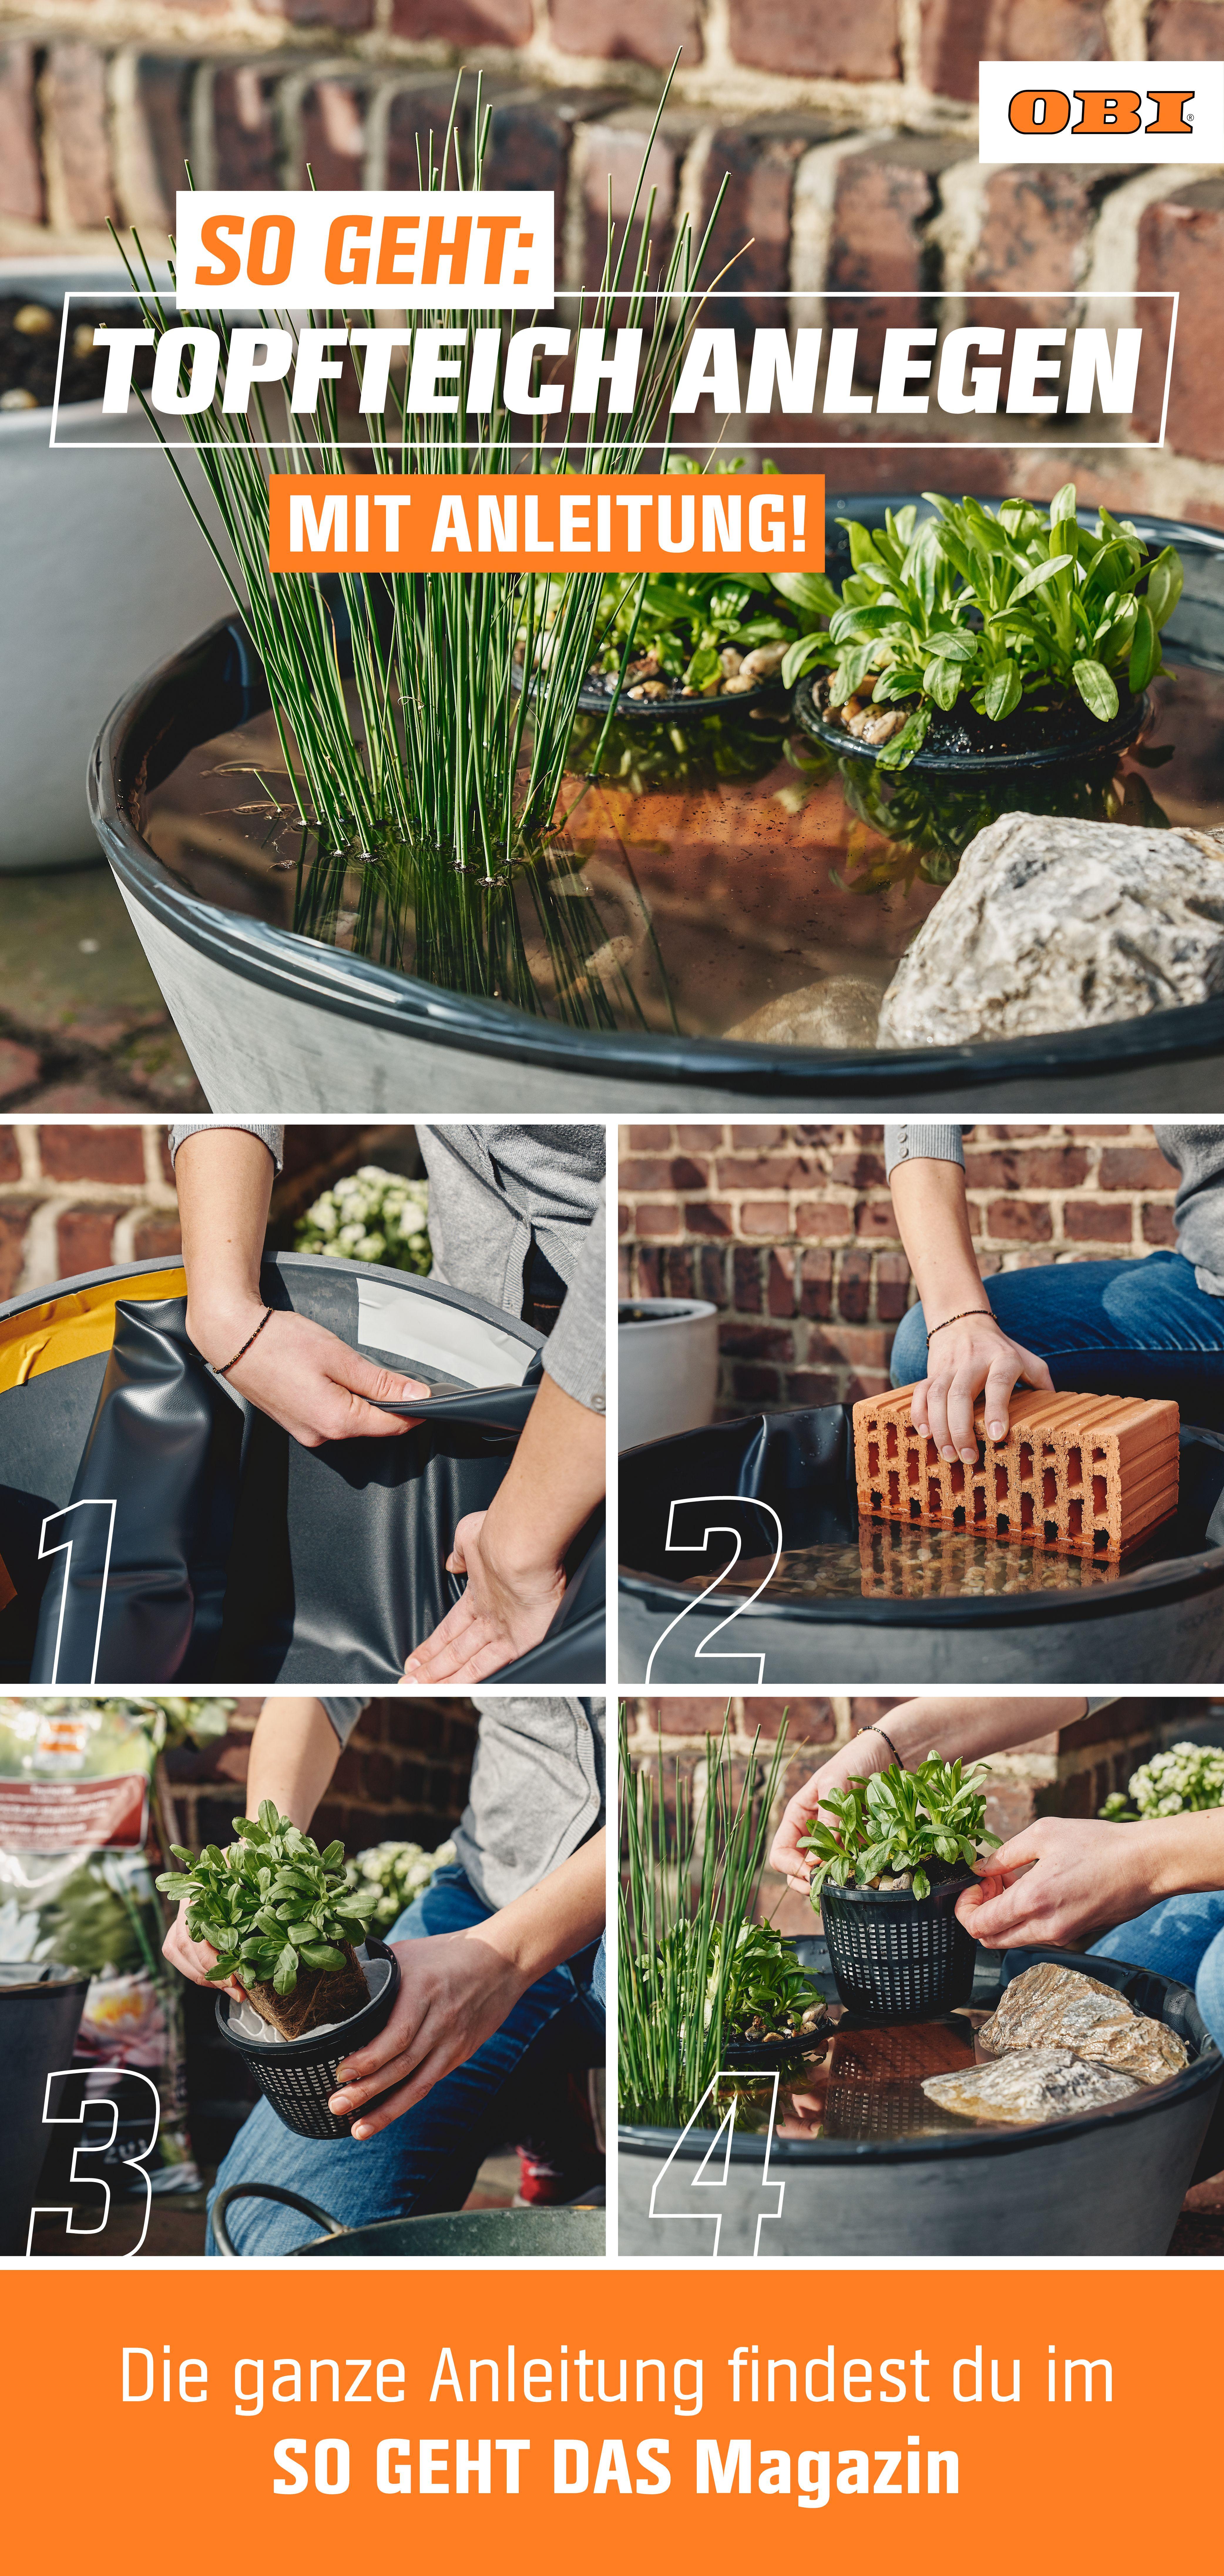 Ein Miniteich auf dem Balkon ist eine gute Alternative zu den klassischen Kübelpflanzen. Er bietet zudem ein Biotop für zahlreiche Pflanzen, Vögel und Insekten. Aber aufgepasst: Achte darauf, dass das Gewicht des Miniteiches nicht die Statik deines Balkons gefährdet! Wie dir dein Miniteich gelingt und worauf du achten solltest, zeigen wir dir in unserer Schritt-für-Schritt-Anleitung samt Video